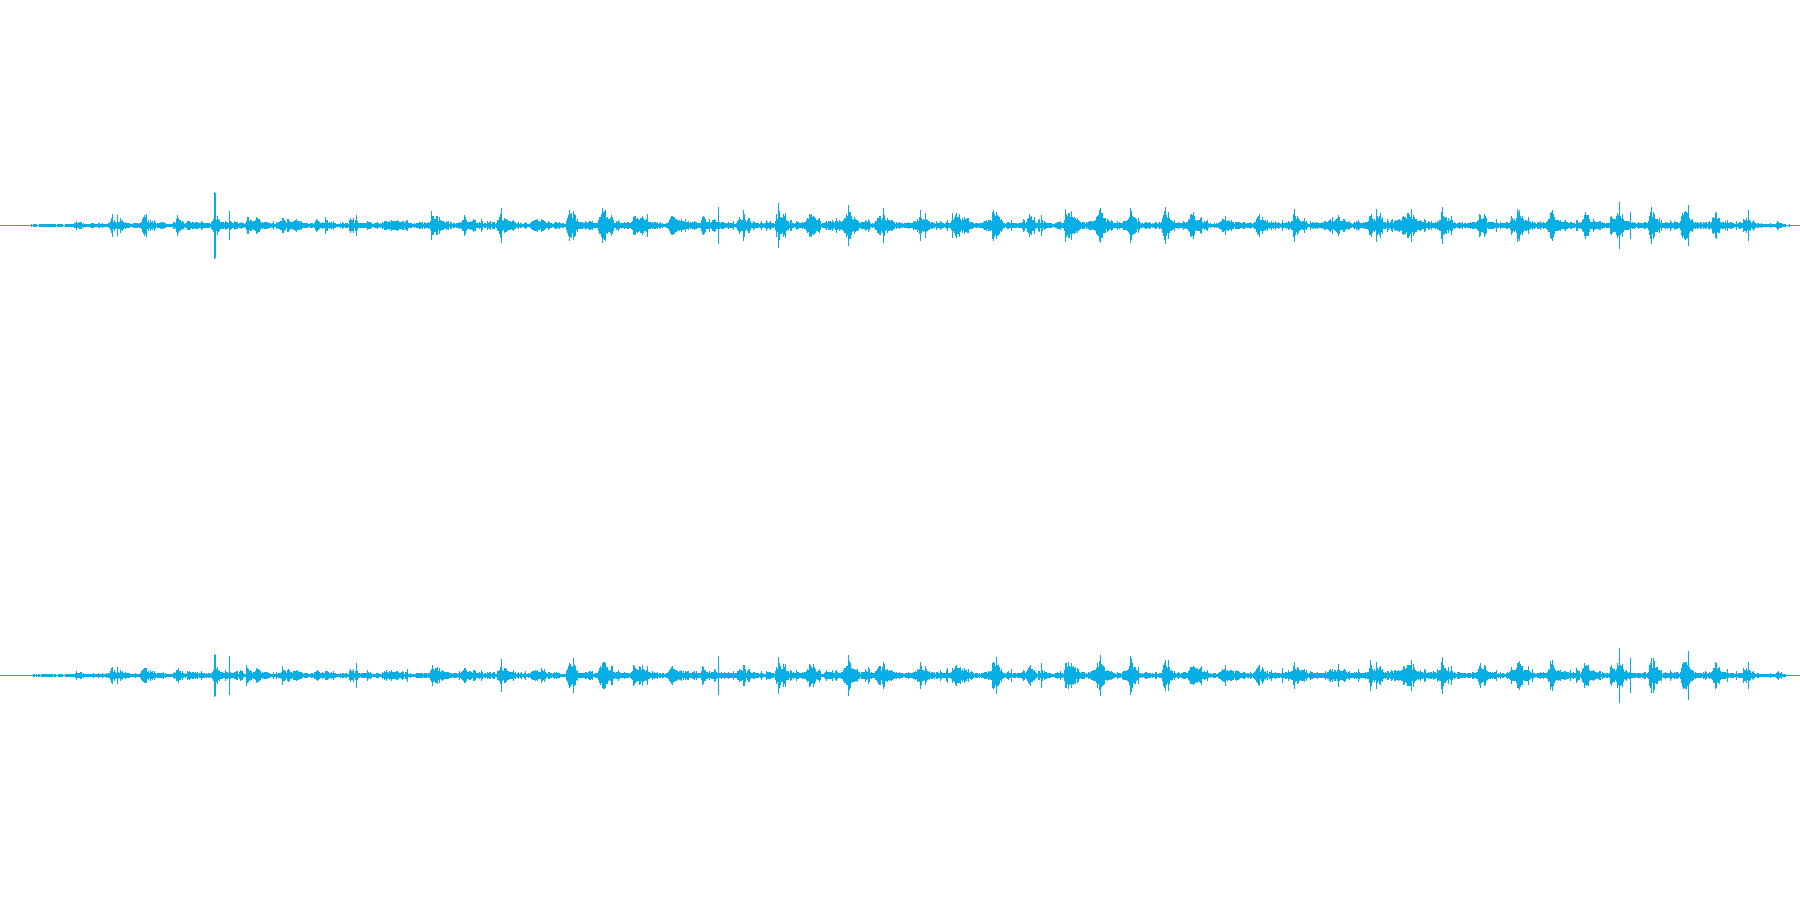 枯葉の上をサクサク歩いている音の再生済みの波形